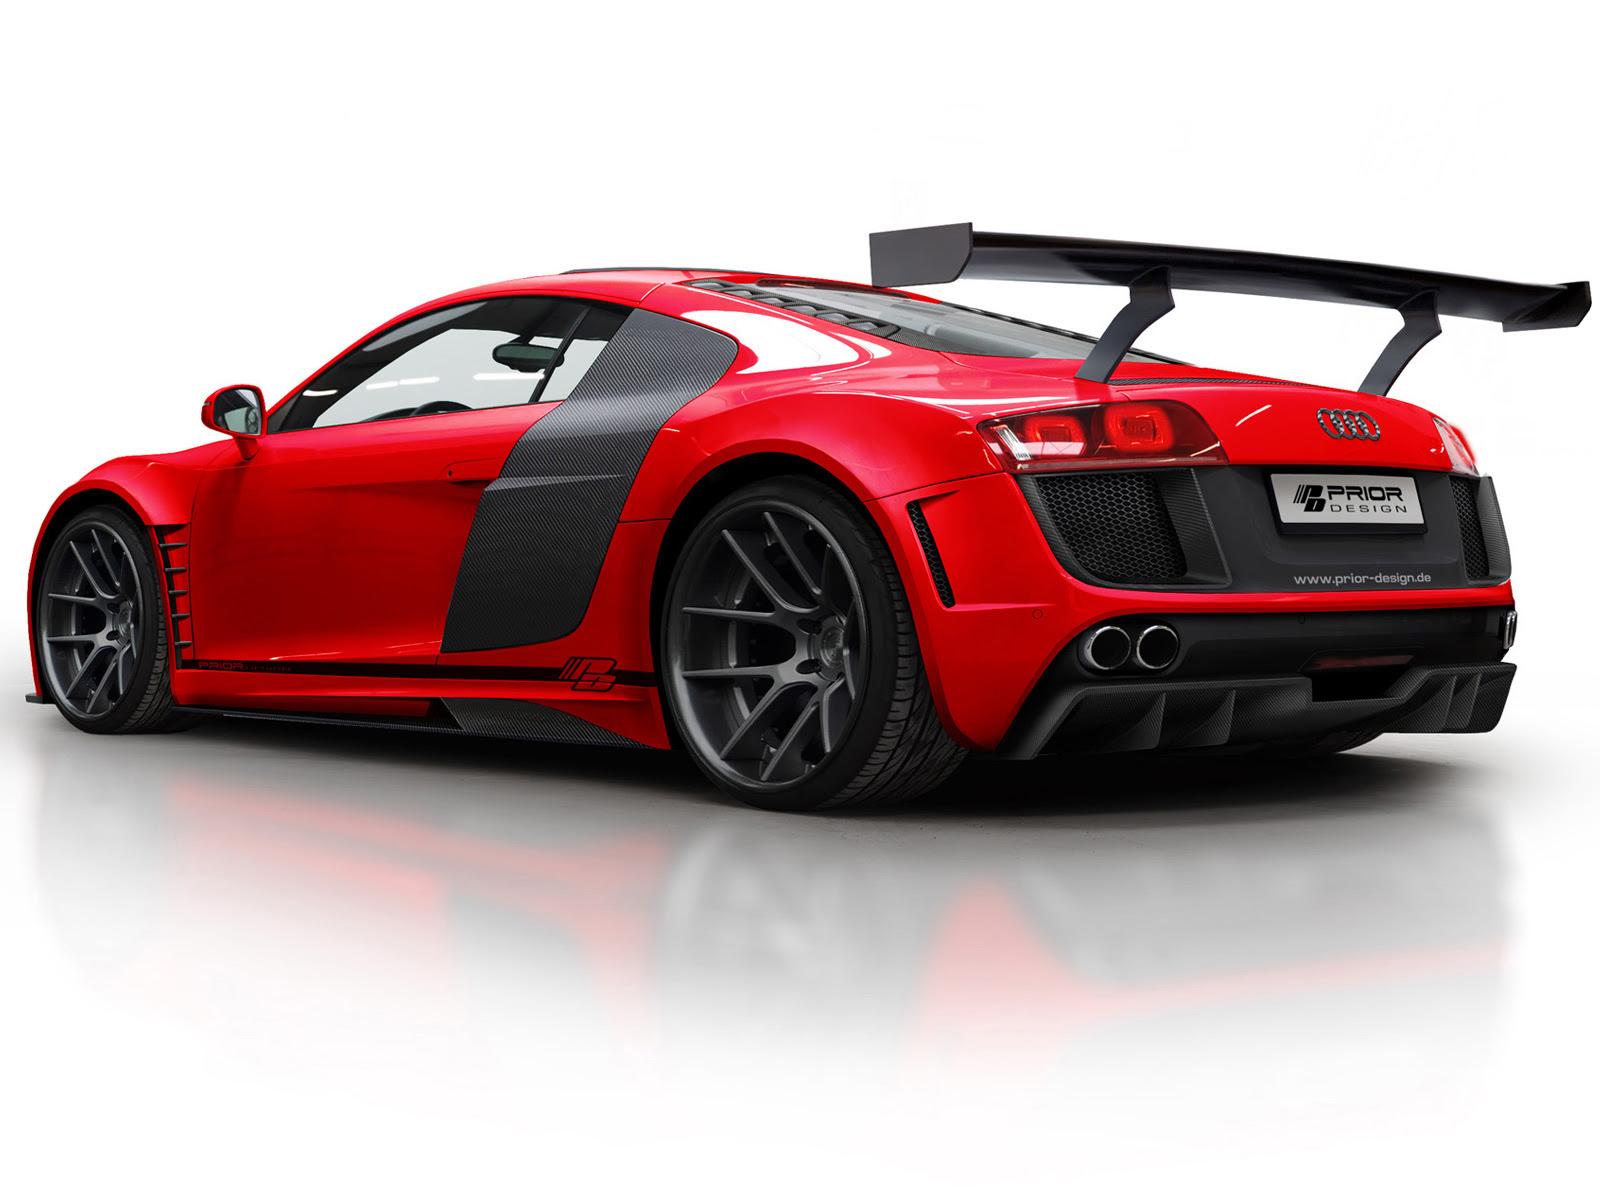 """Motores de Combustión Interna: Motores en """"V"""" y Audi R8"""